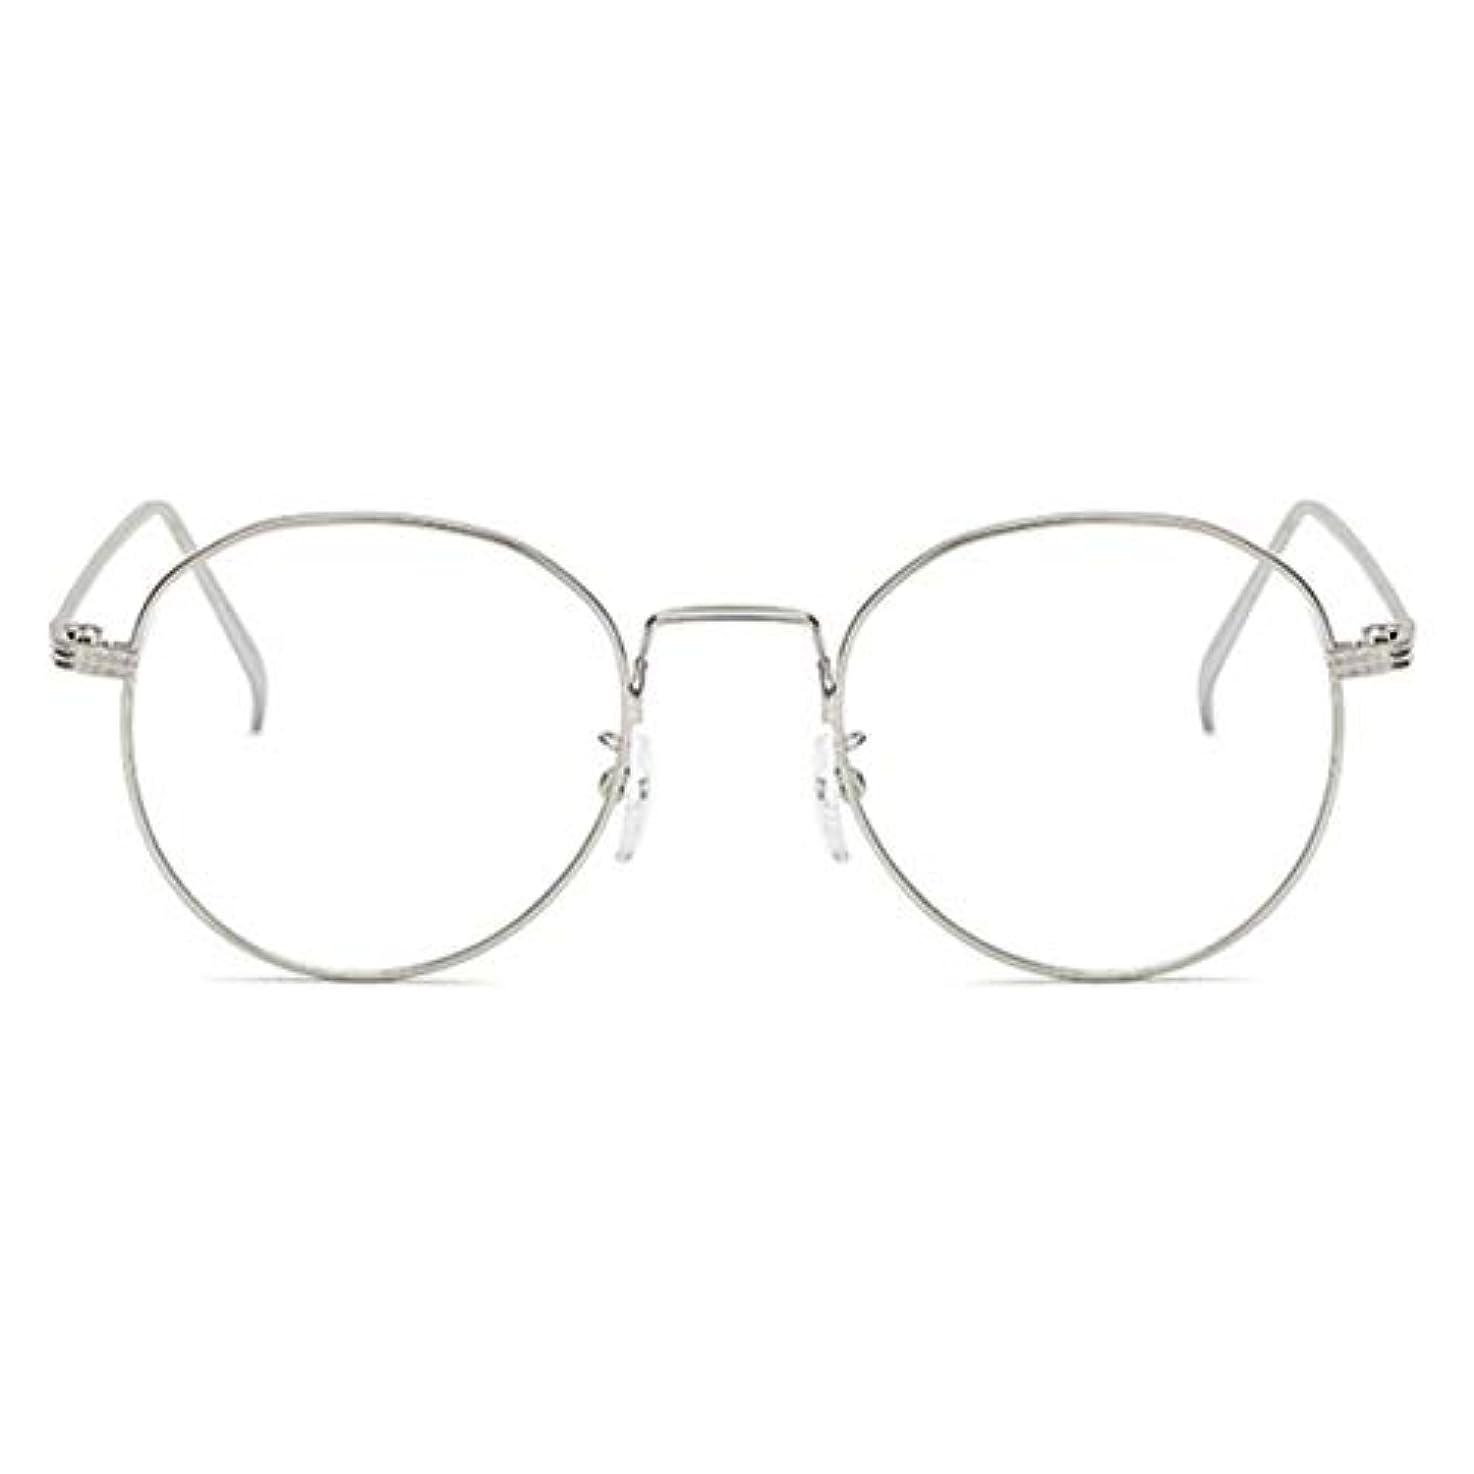 共感する電子レンジフィクション丸型アンチブルーライト男性女性メガネ軽量金属フレームプレーンミラーレンズアイウェアメガネ-シルバー